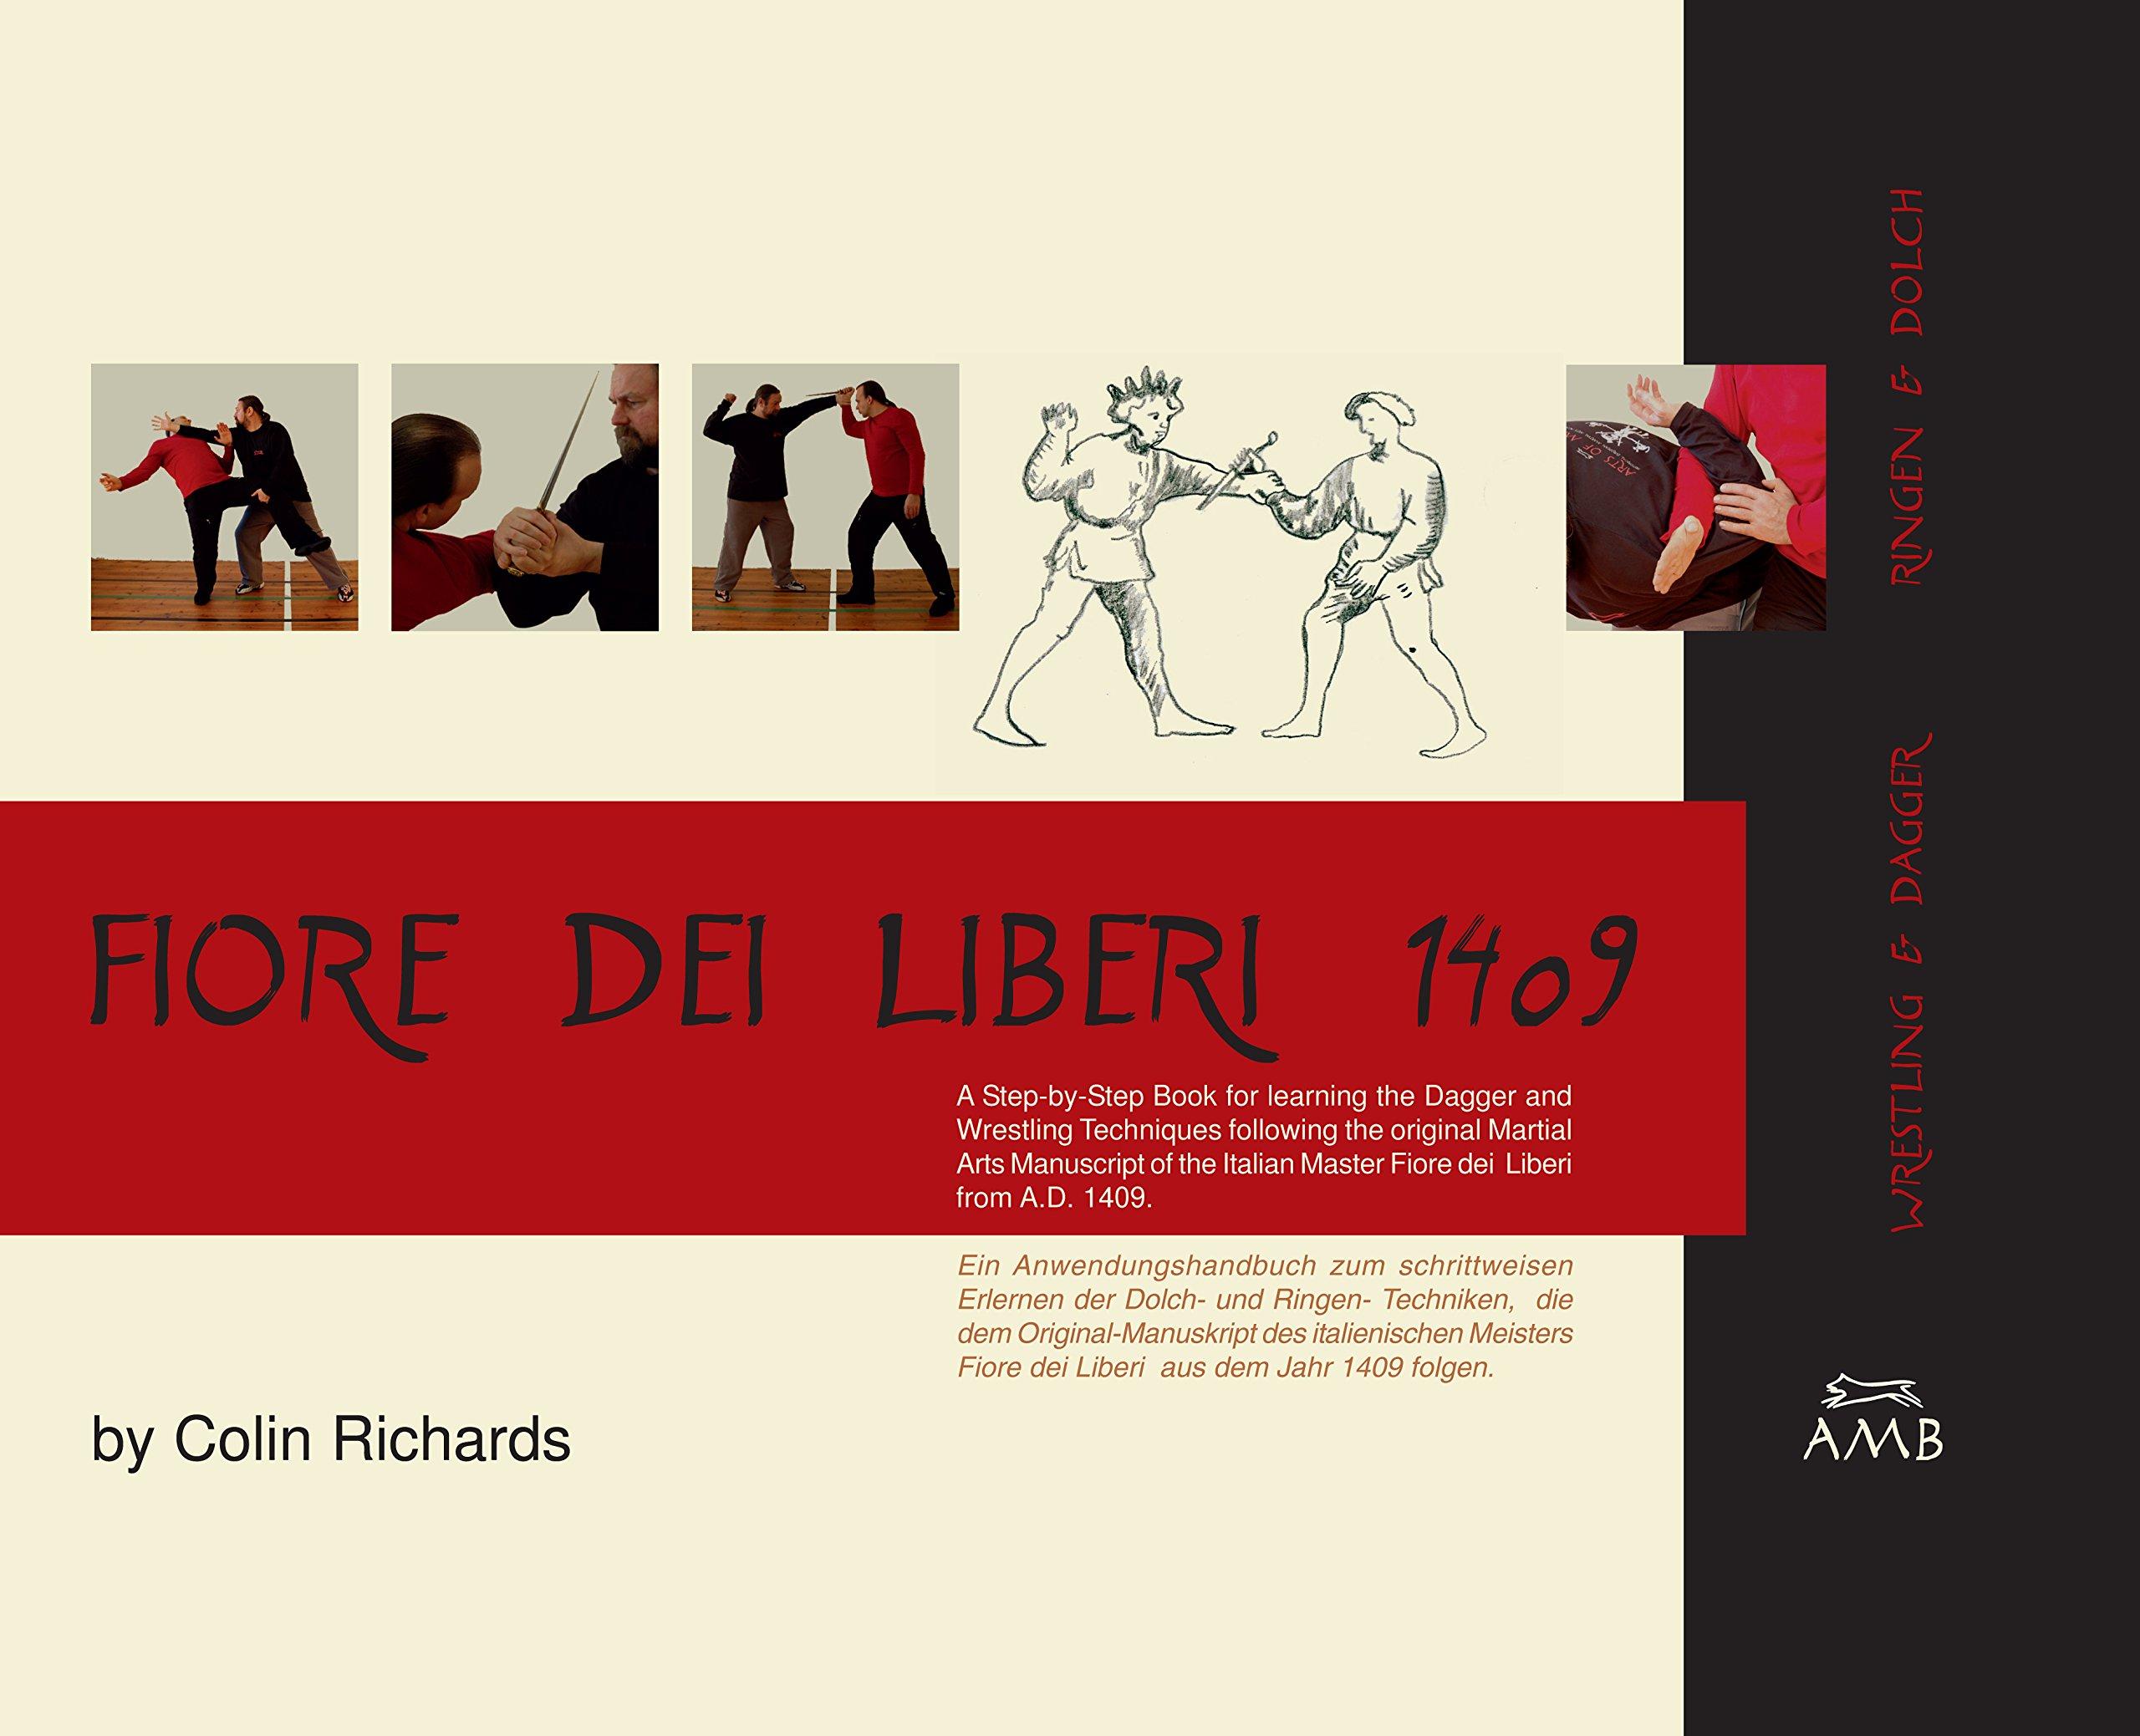 Fiore dei Liberi 1409: Wrestling & Dagger/Ringen & Dolch